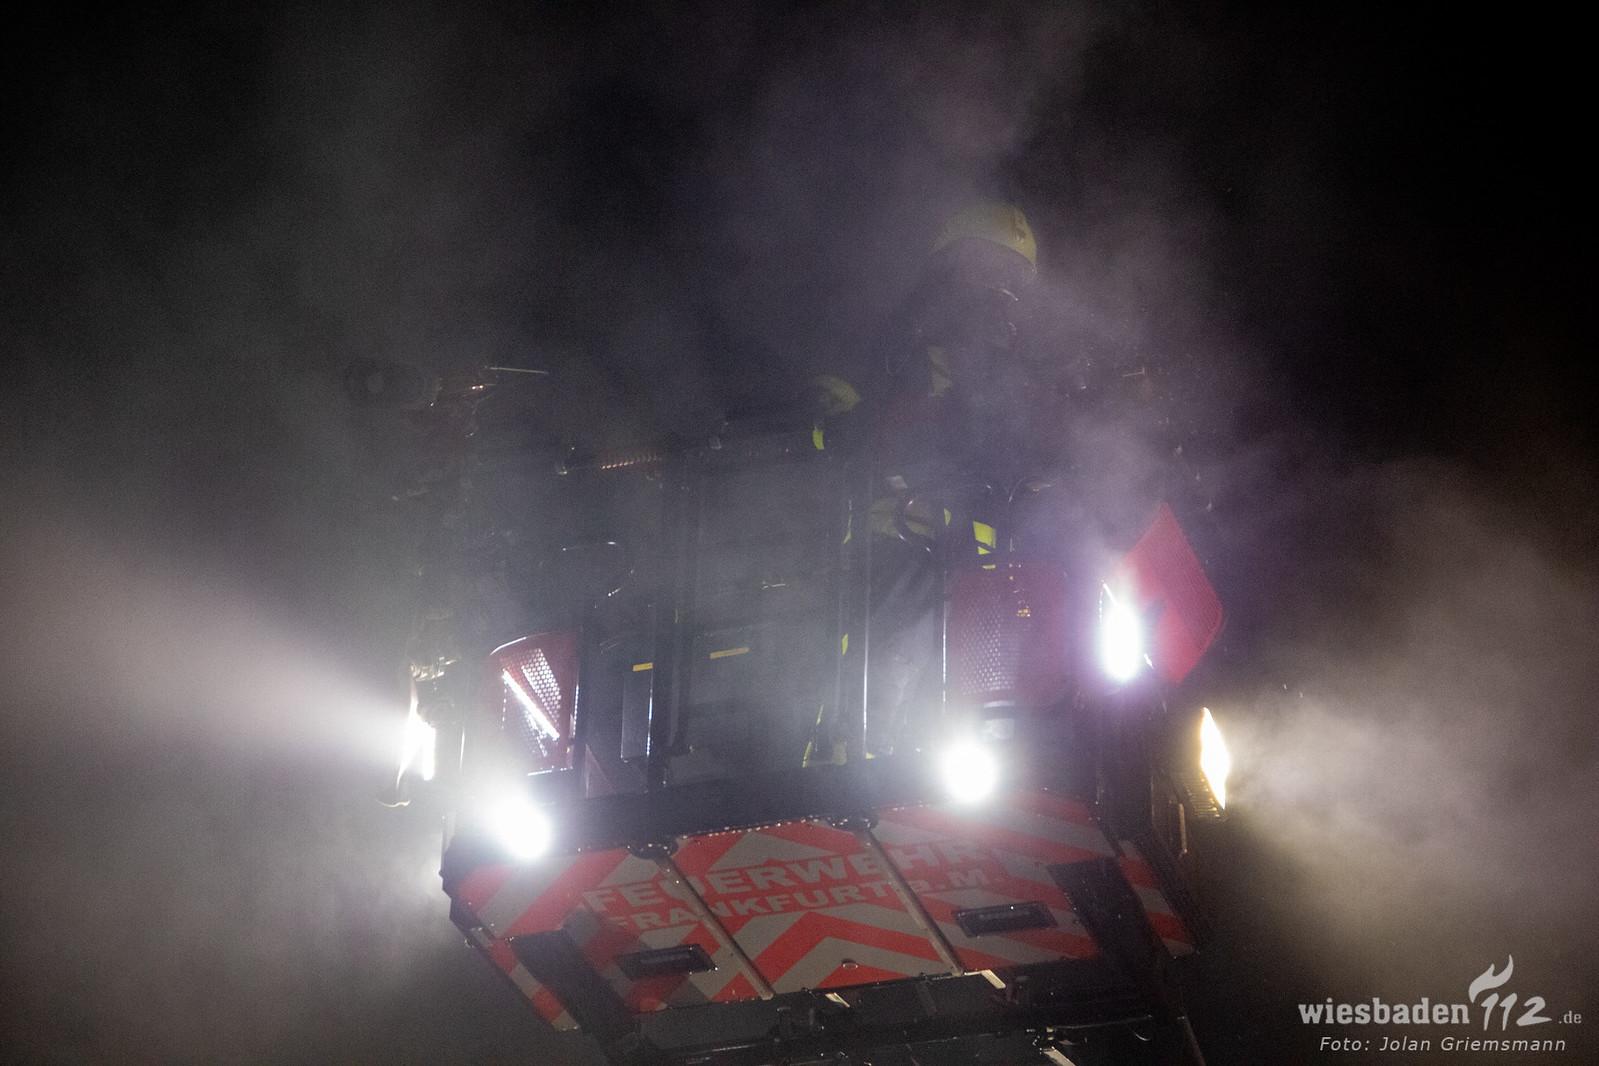 2020-02-02 Lagerhallenbrand Frankfurt-Rödelheim (13 von 22)